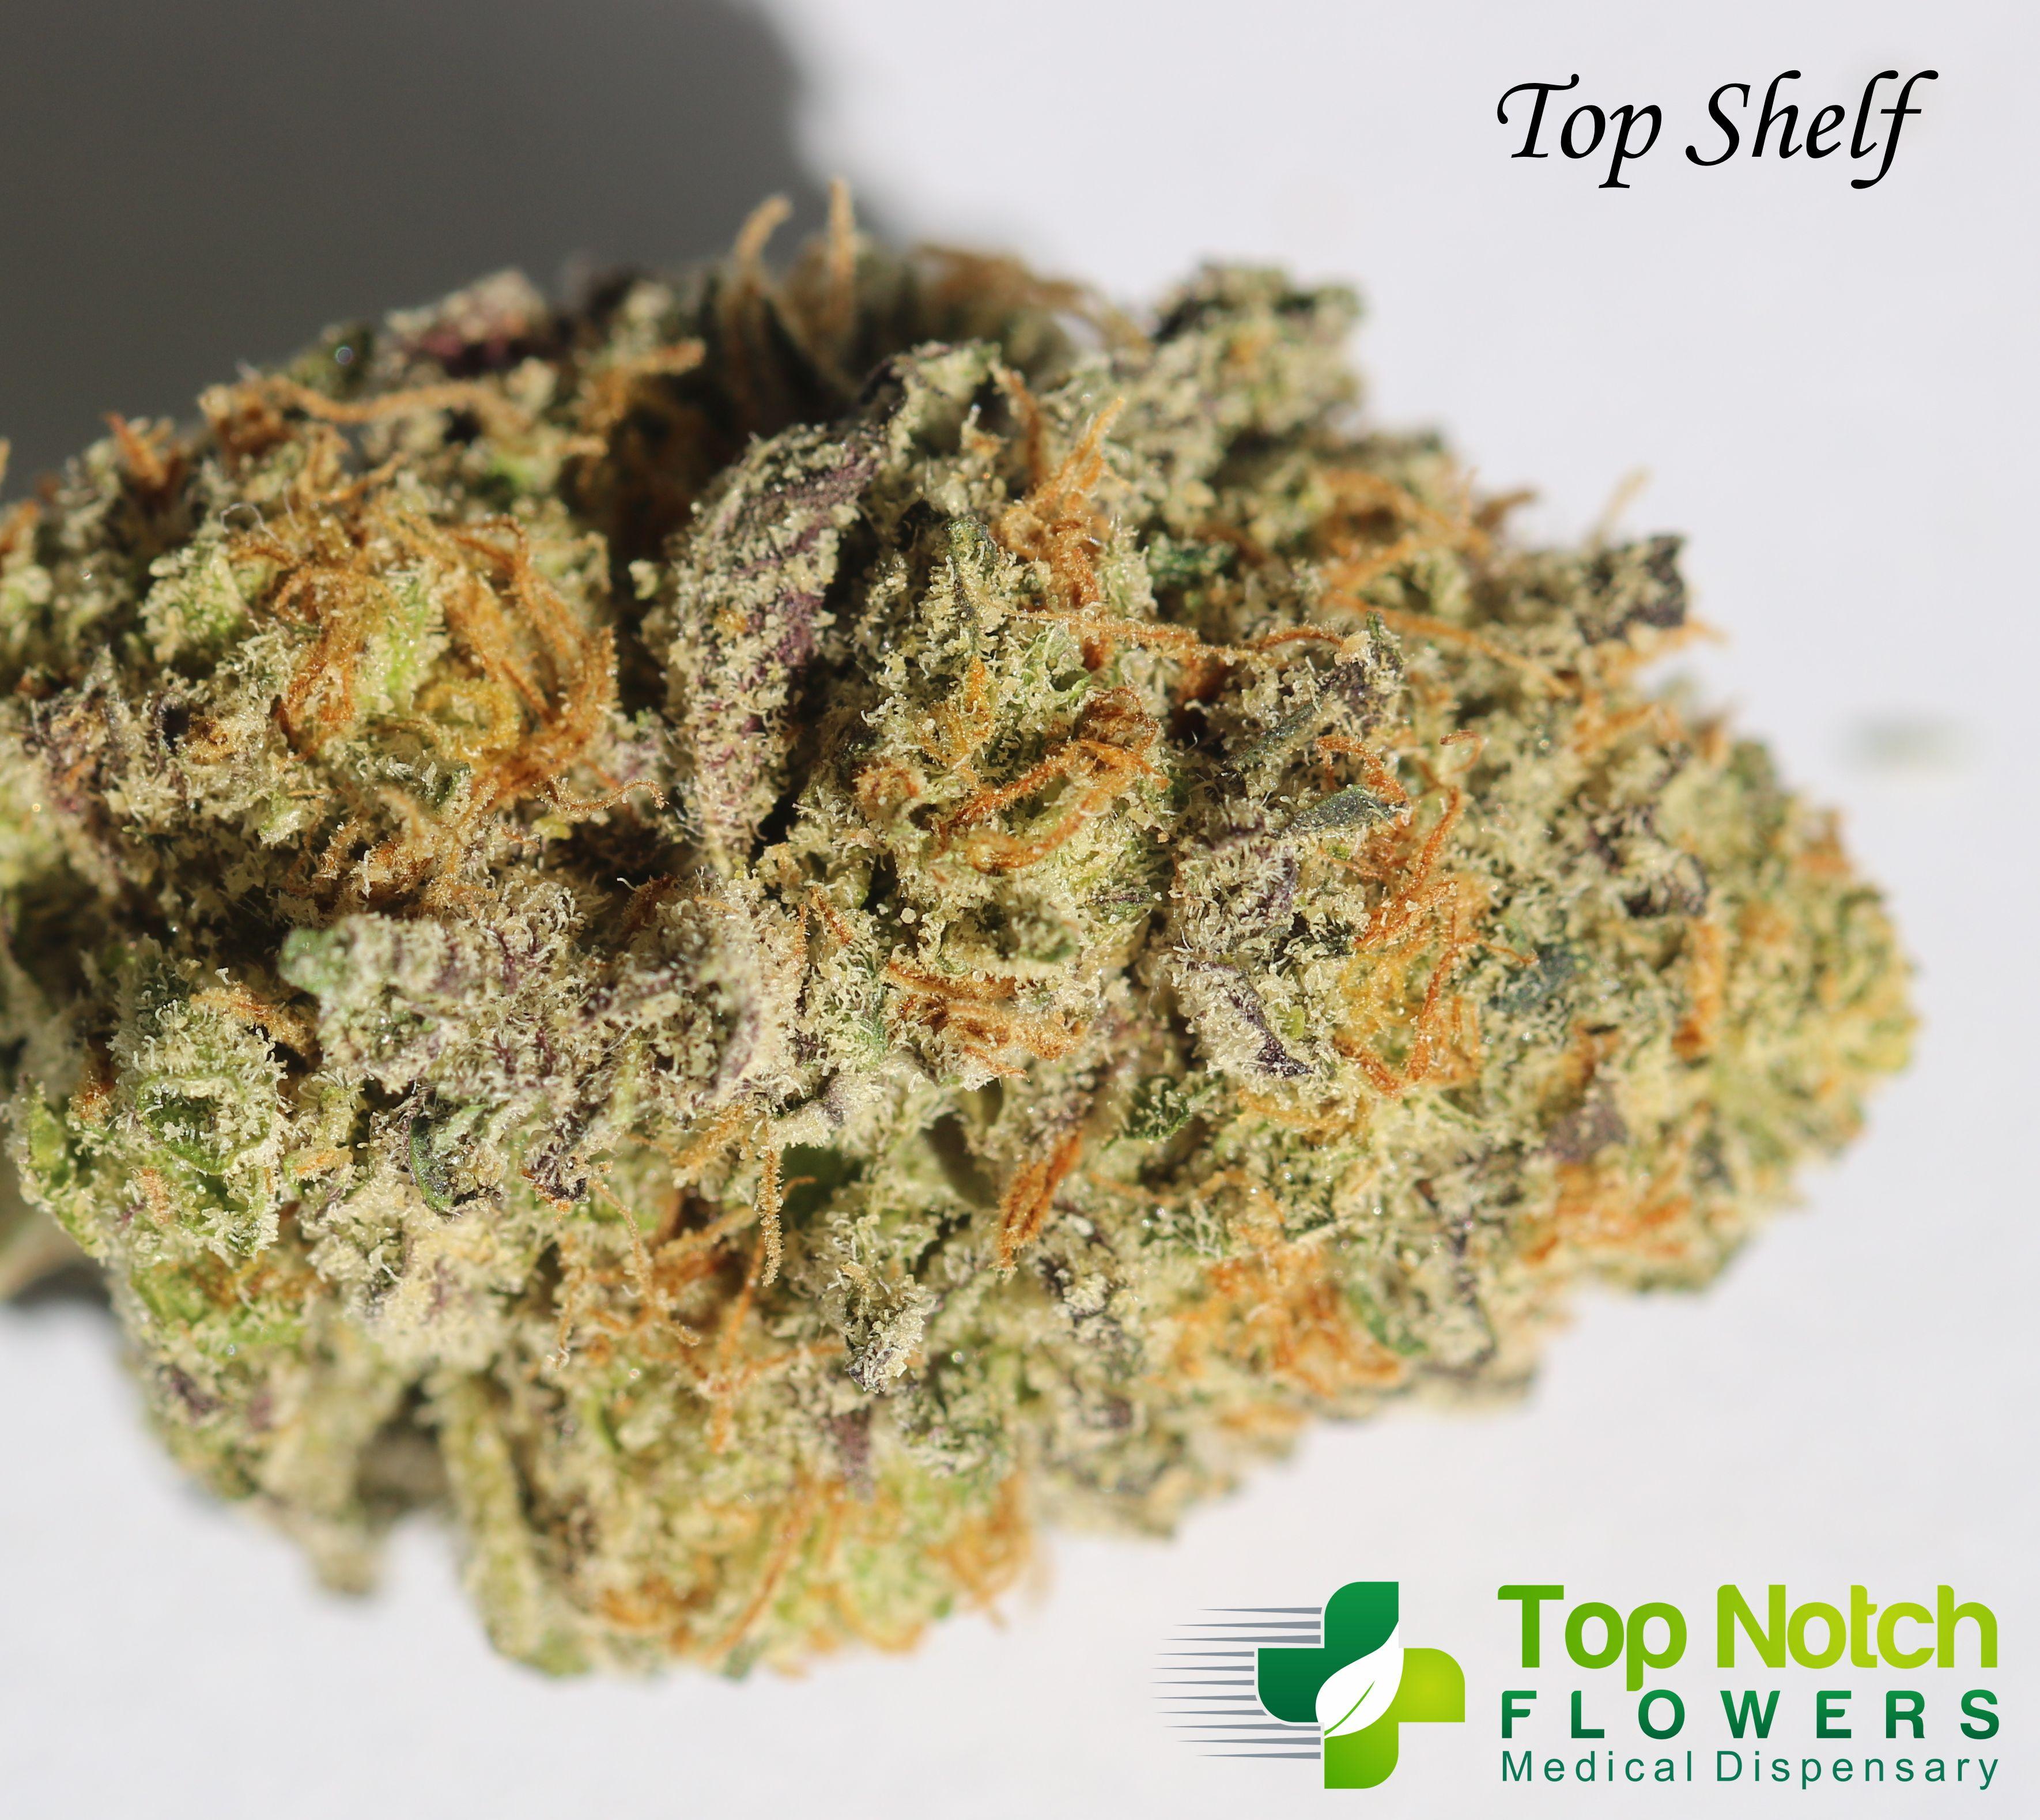 Top Shelf Cookies & Cream